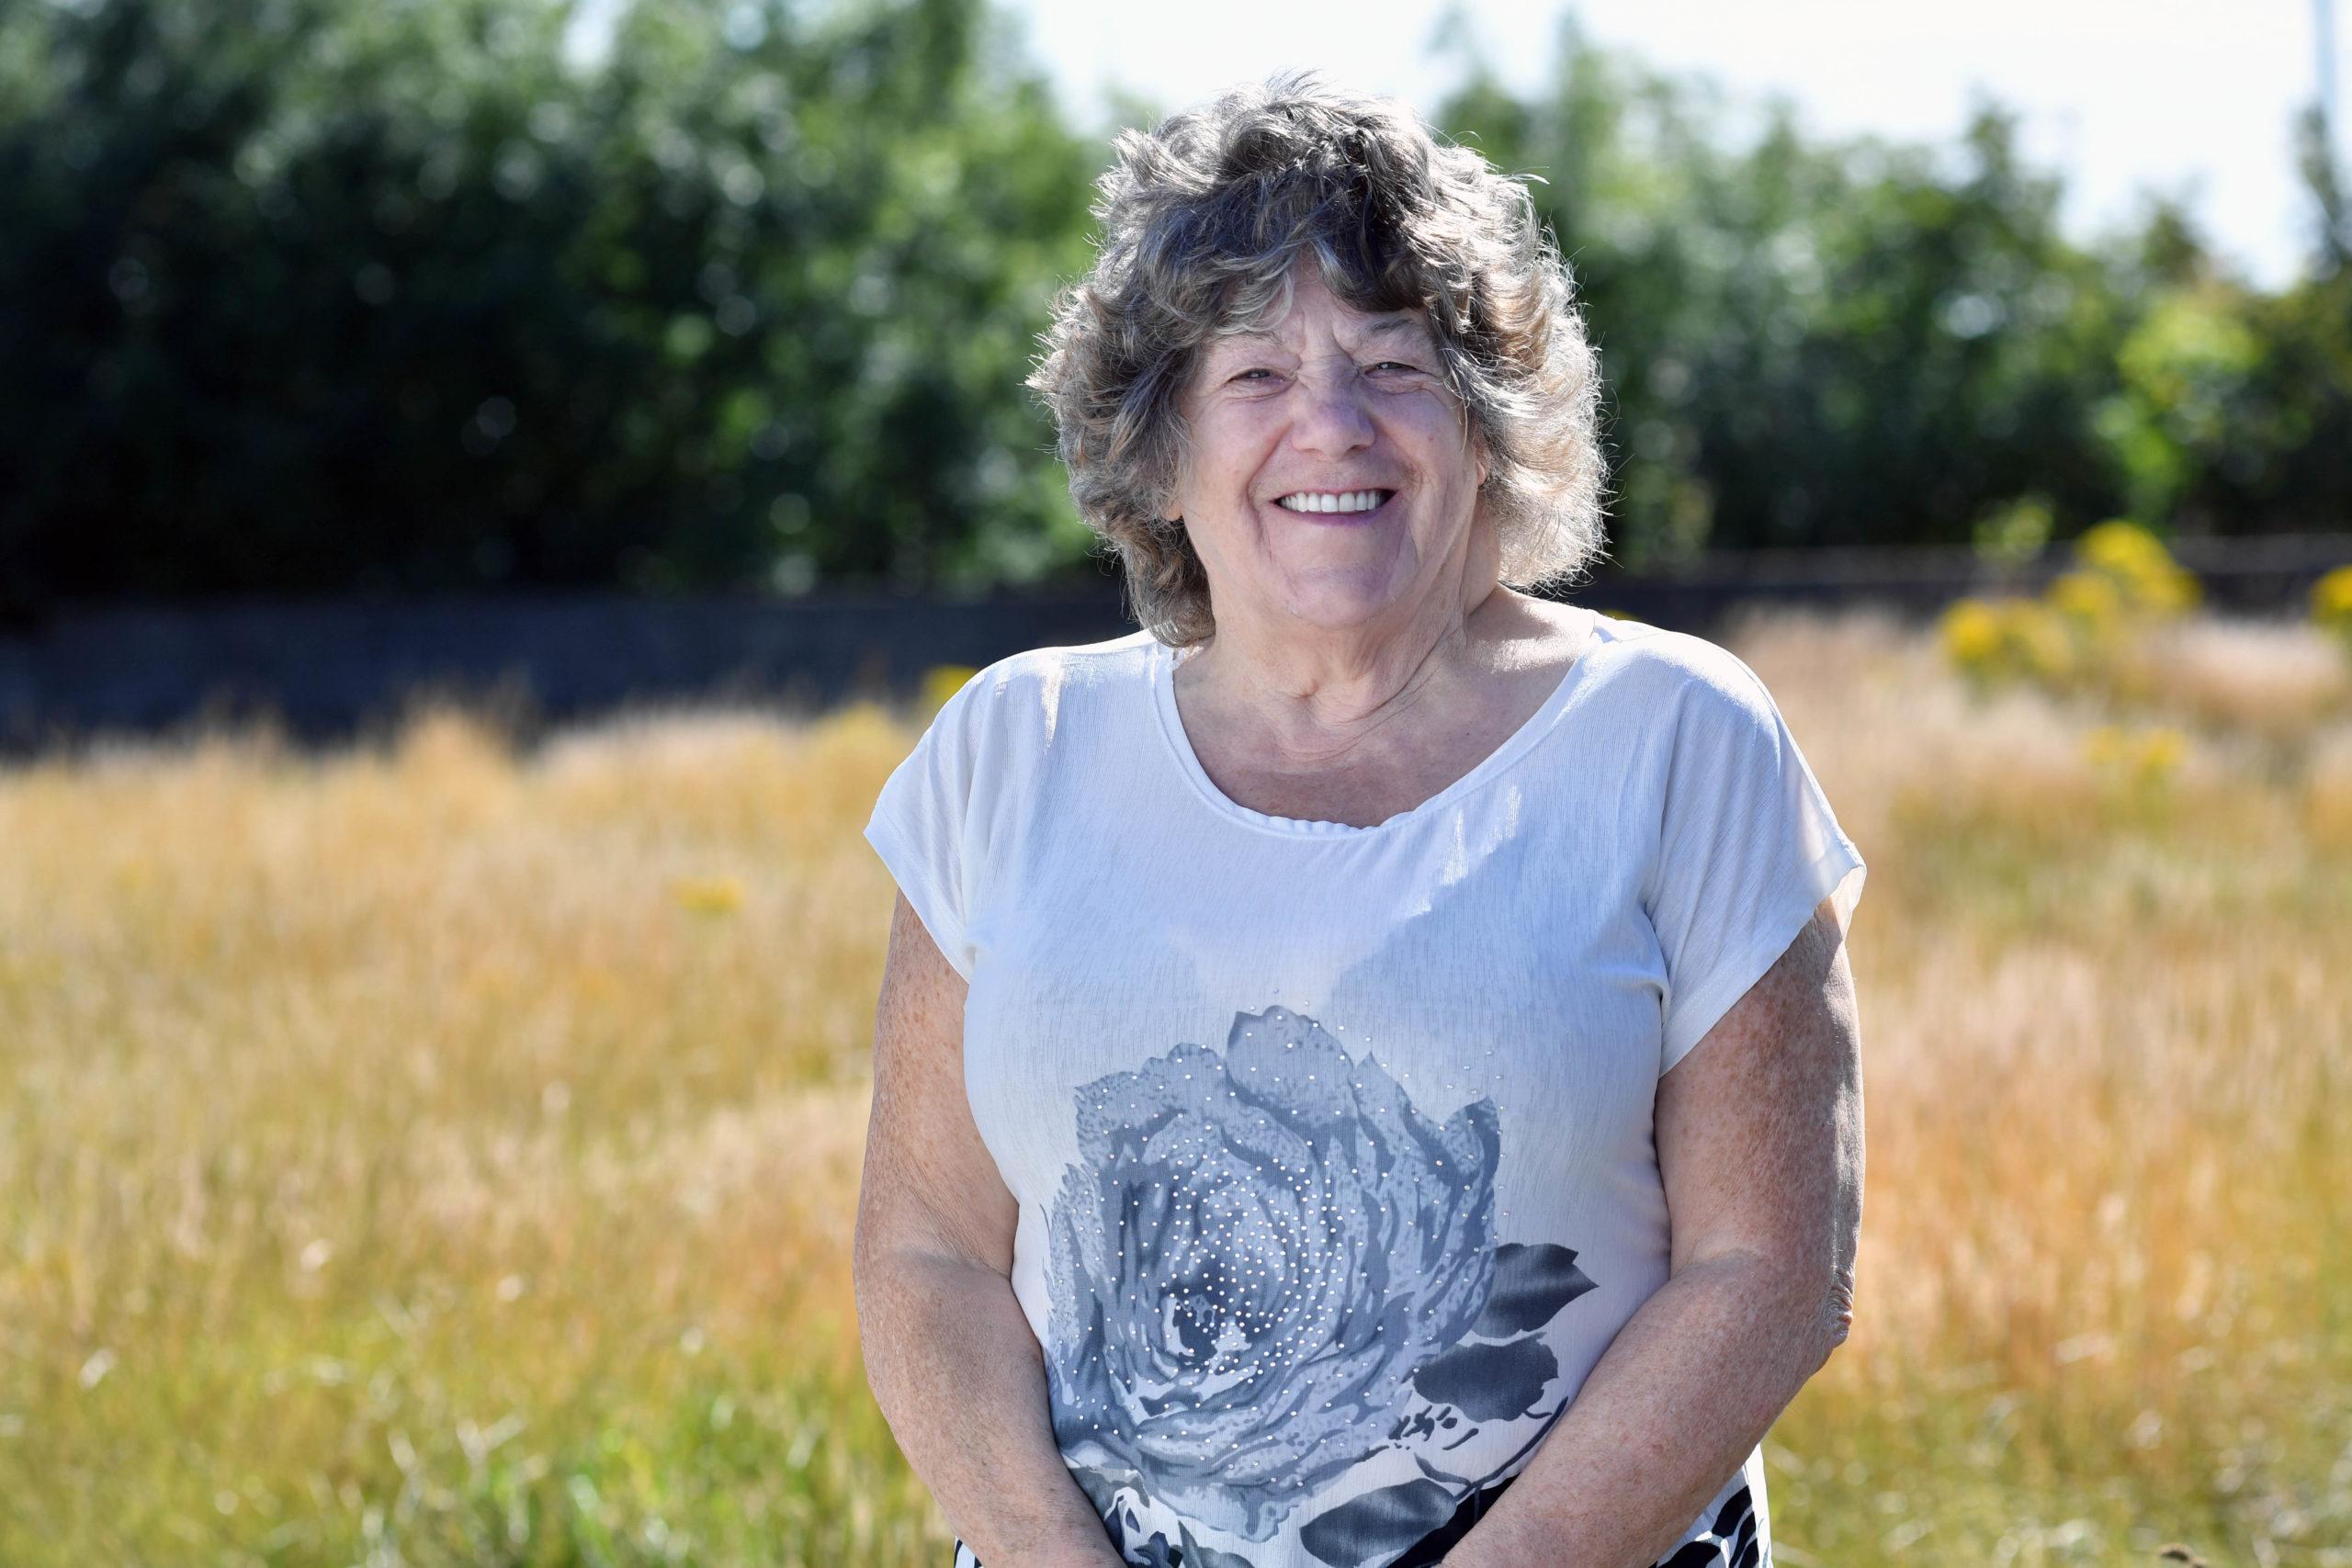 Inger Watt sent SOS to Australia after blow-up bed leak